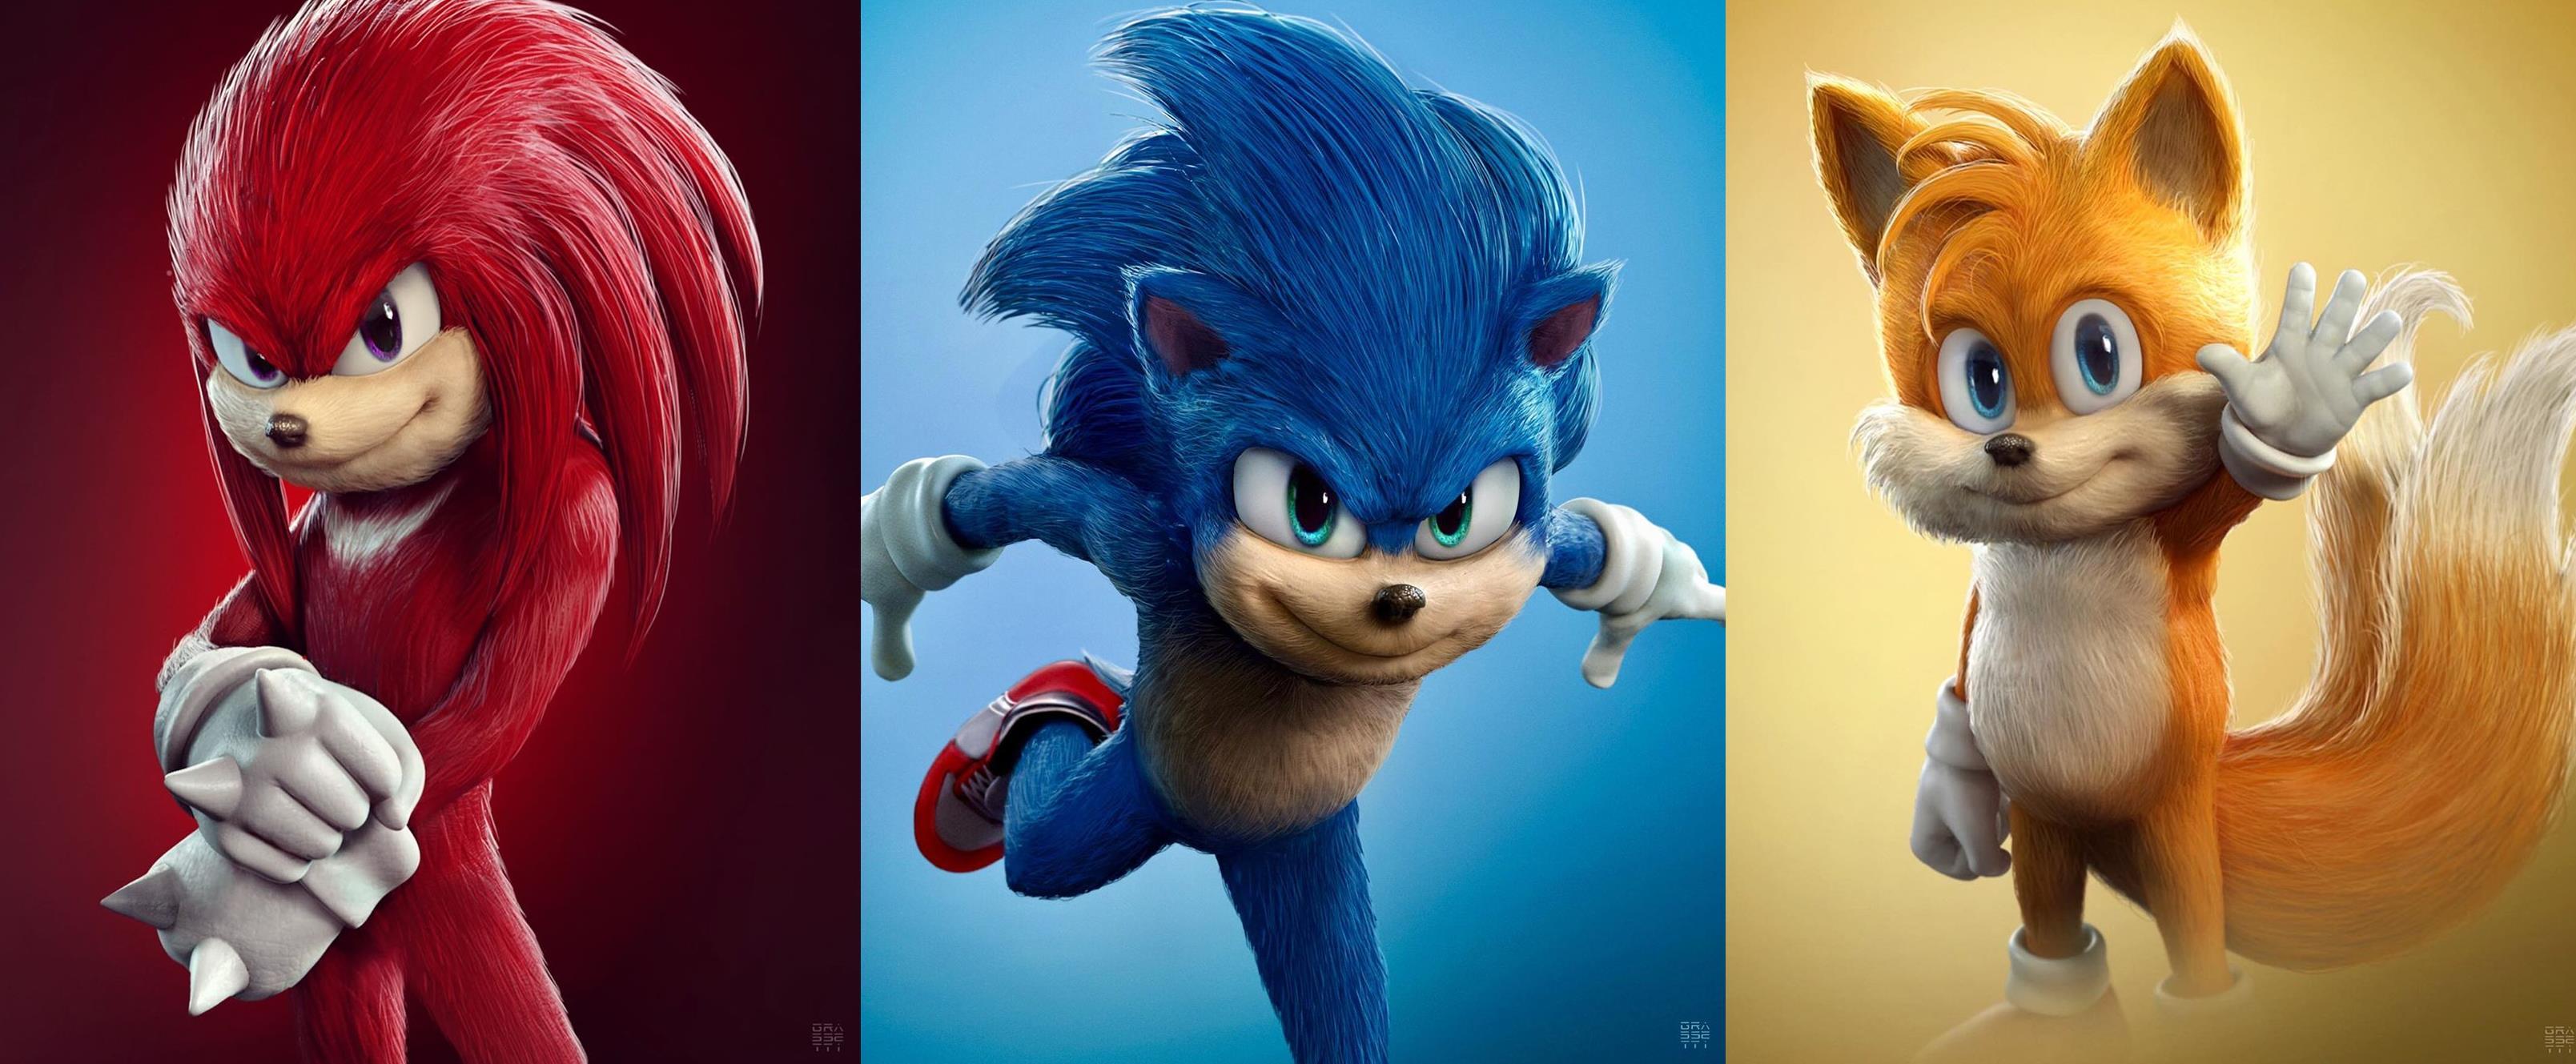 Sonic - O Filme 2 colocará Knuckles como vilão, revela sinopse